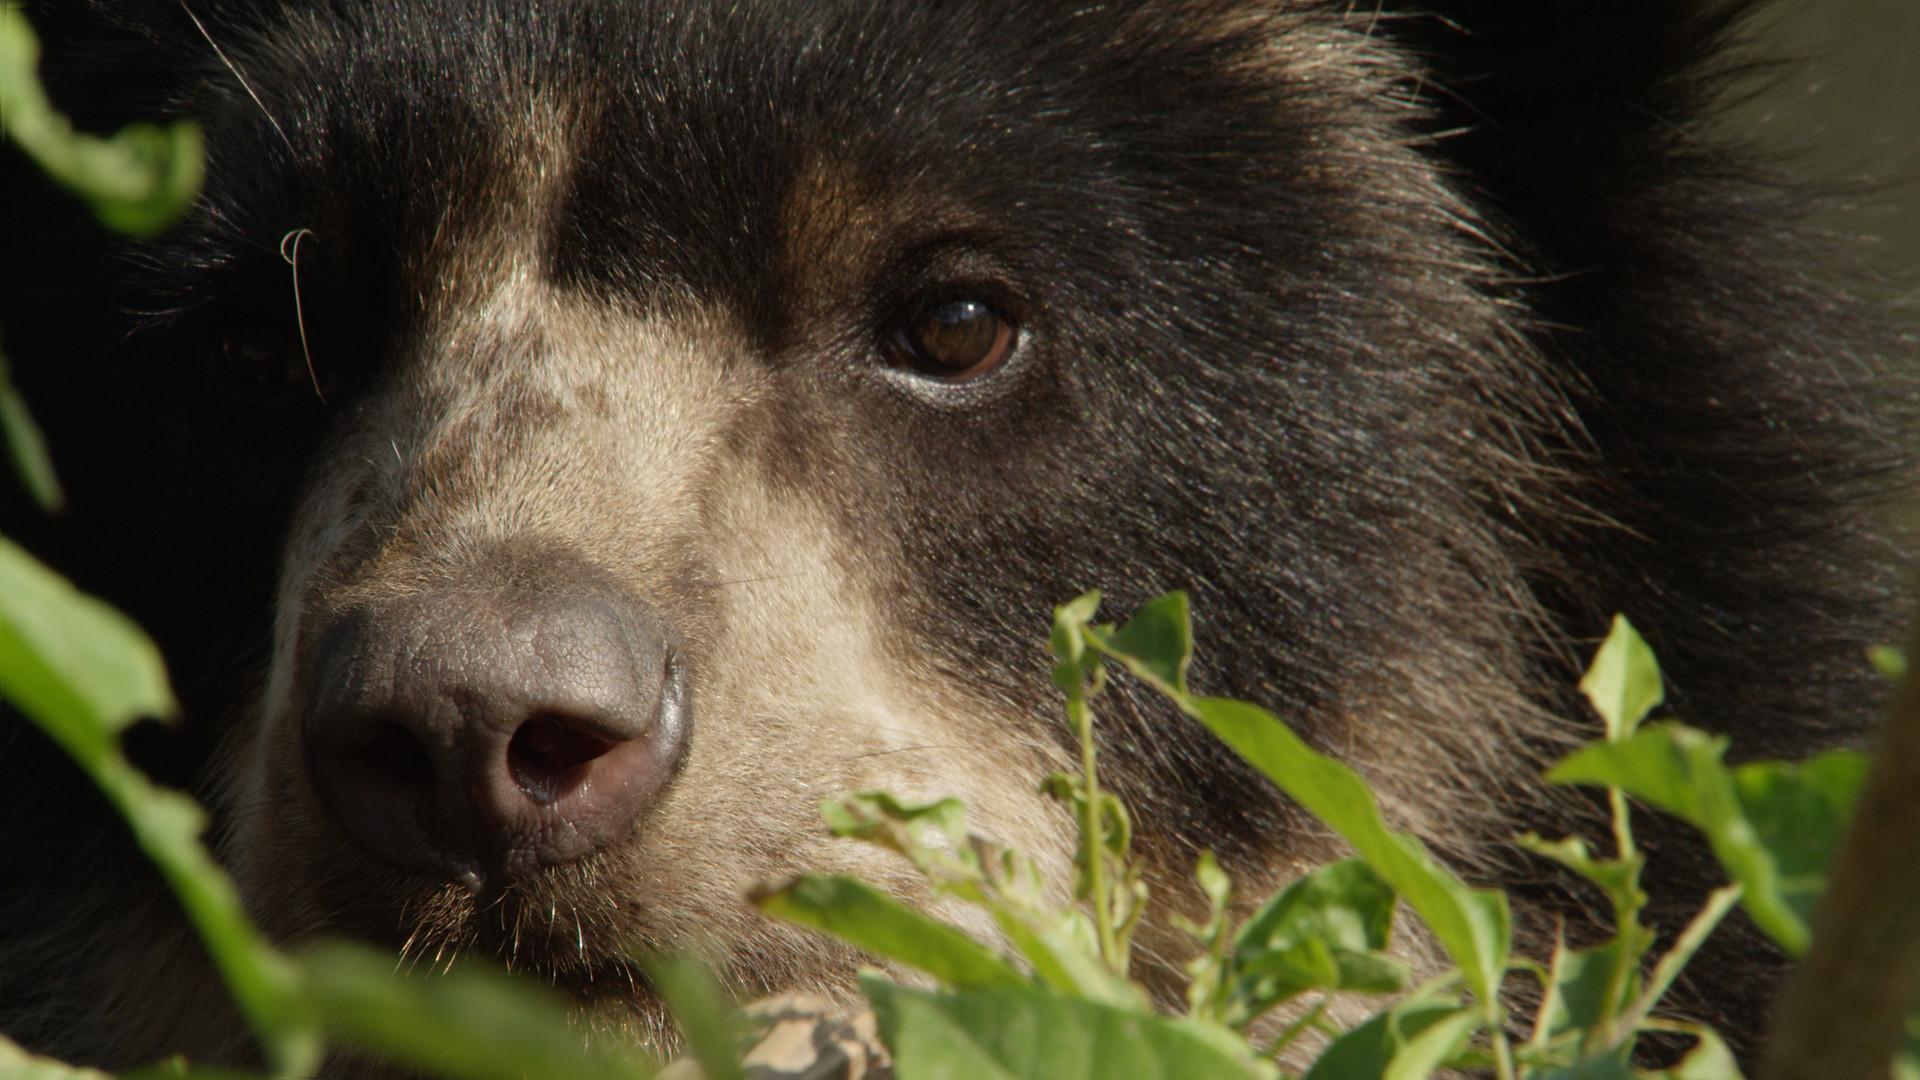 TWA_Ep1_04_bear.jpg